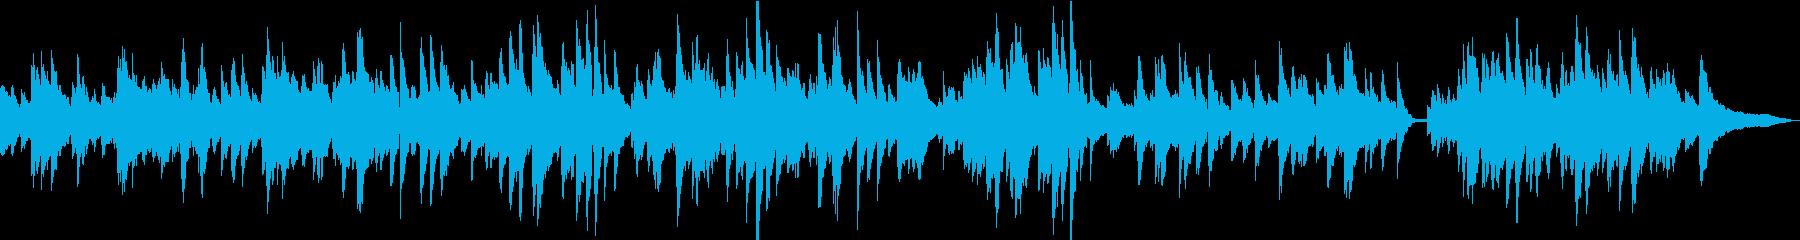 生演奏 落ち着いたピアノ曲の再生済みの波形